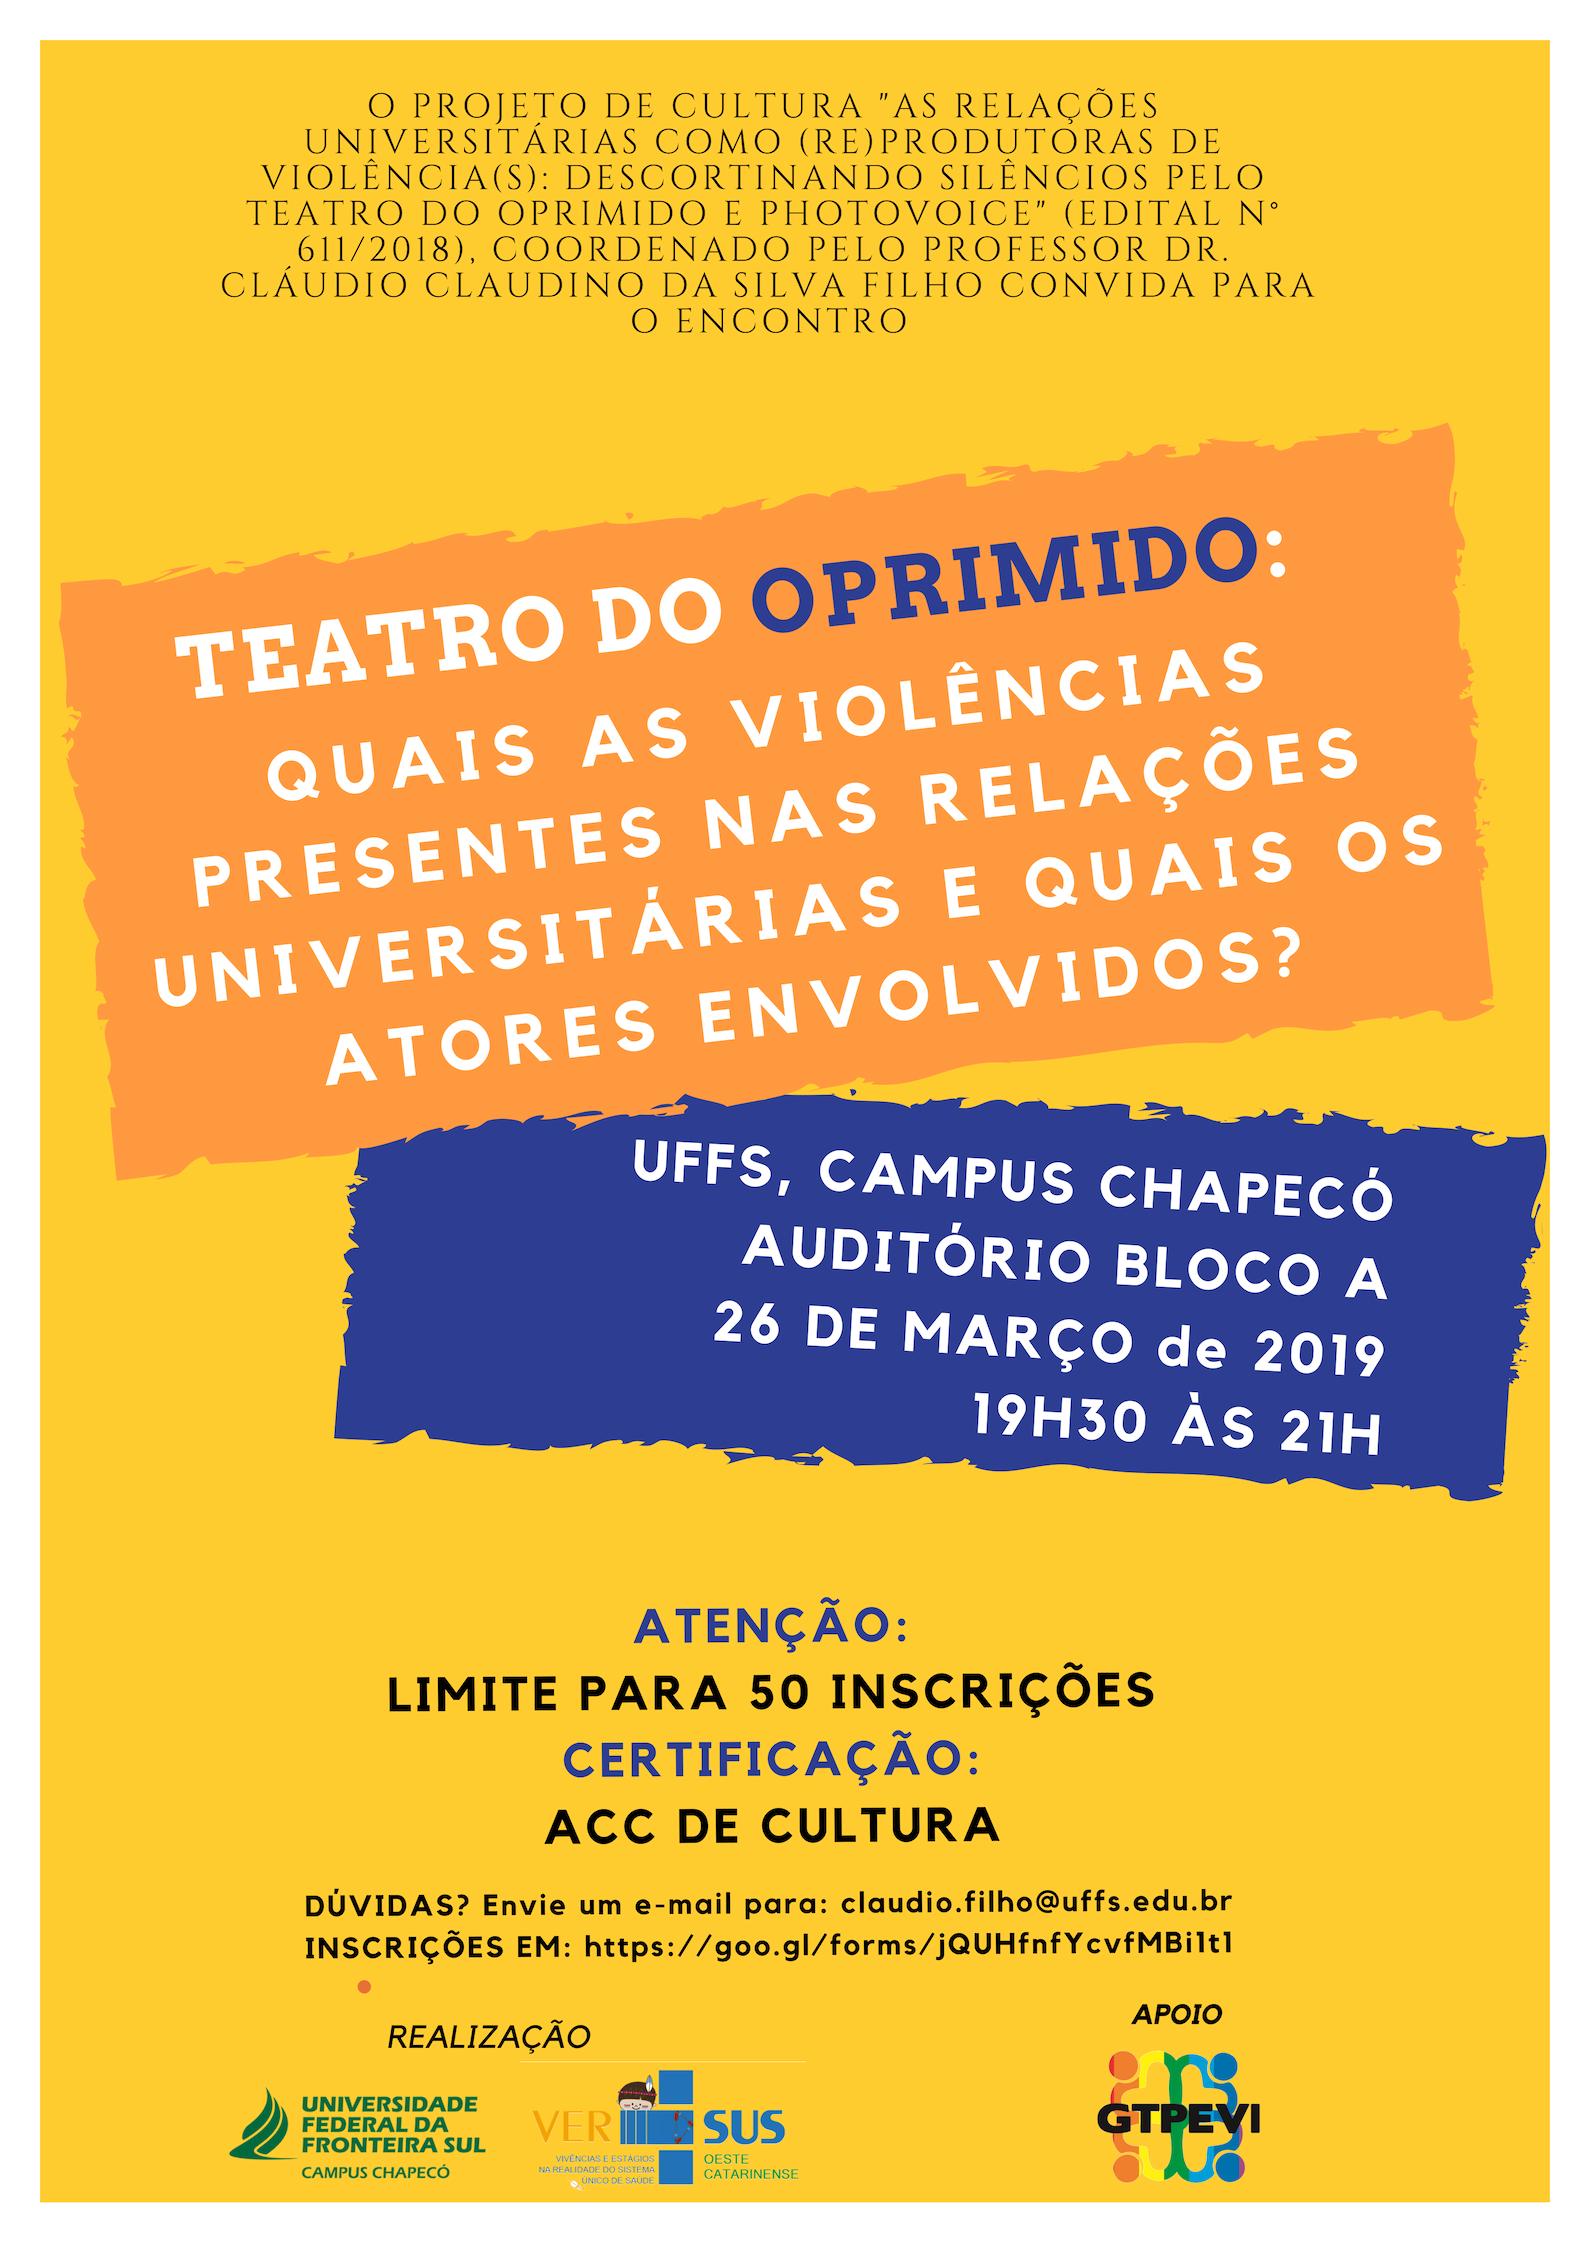 Cartaz com oinformações de evento abordando o Teatro do Oprimido